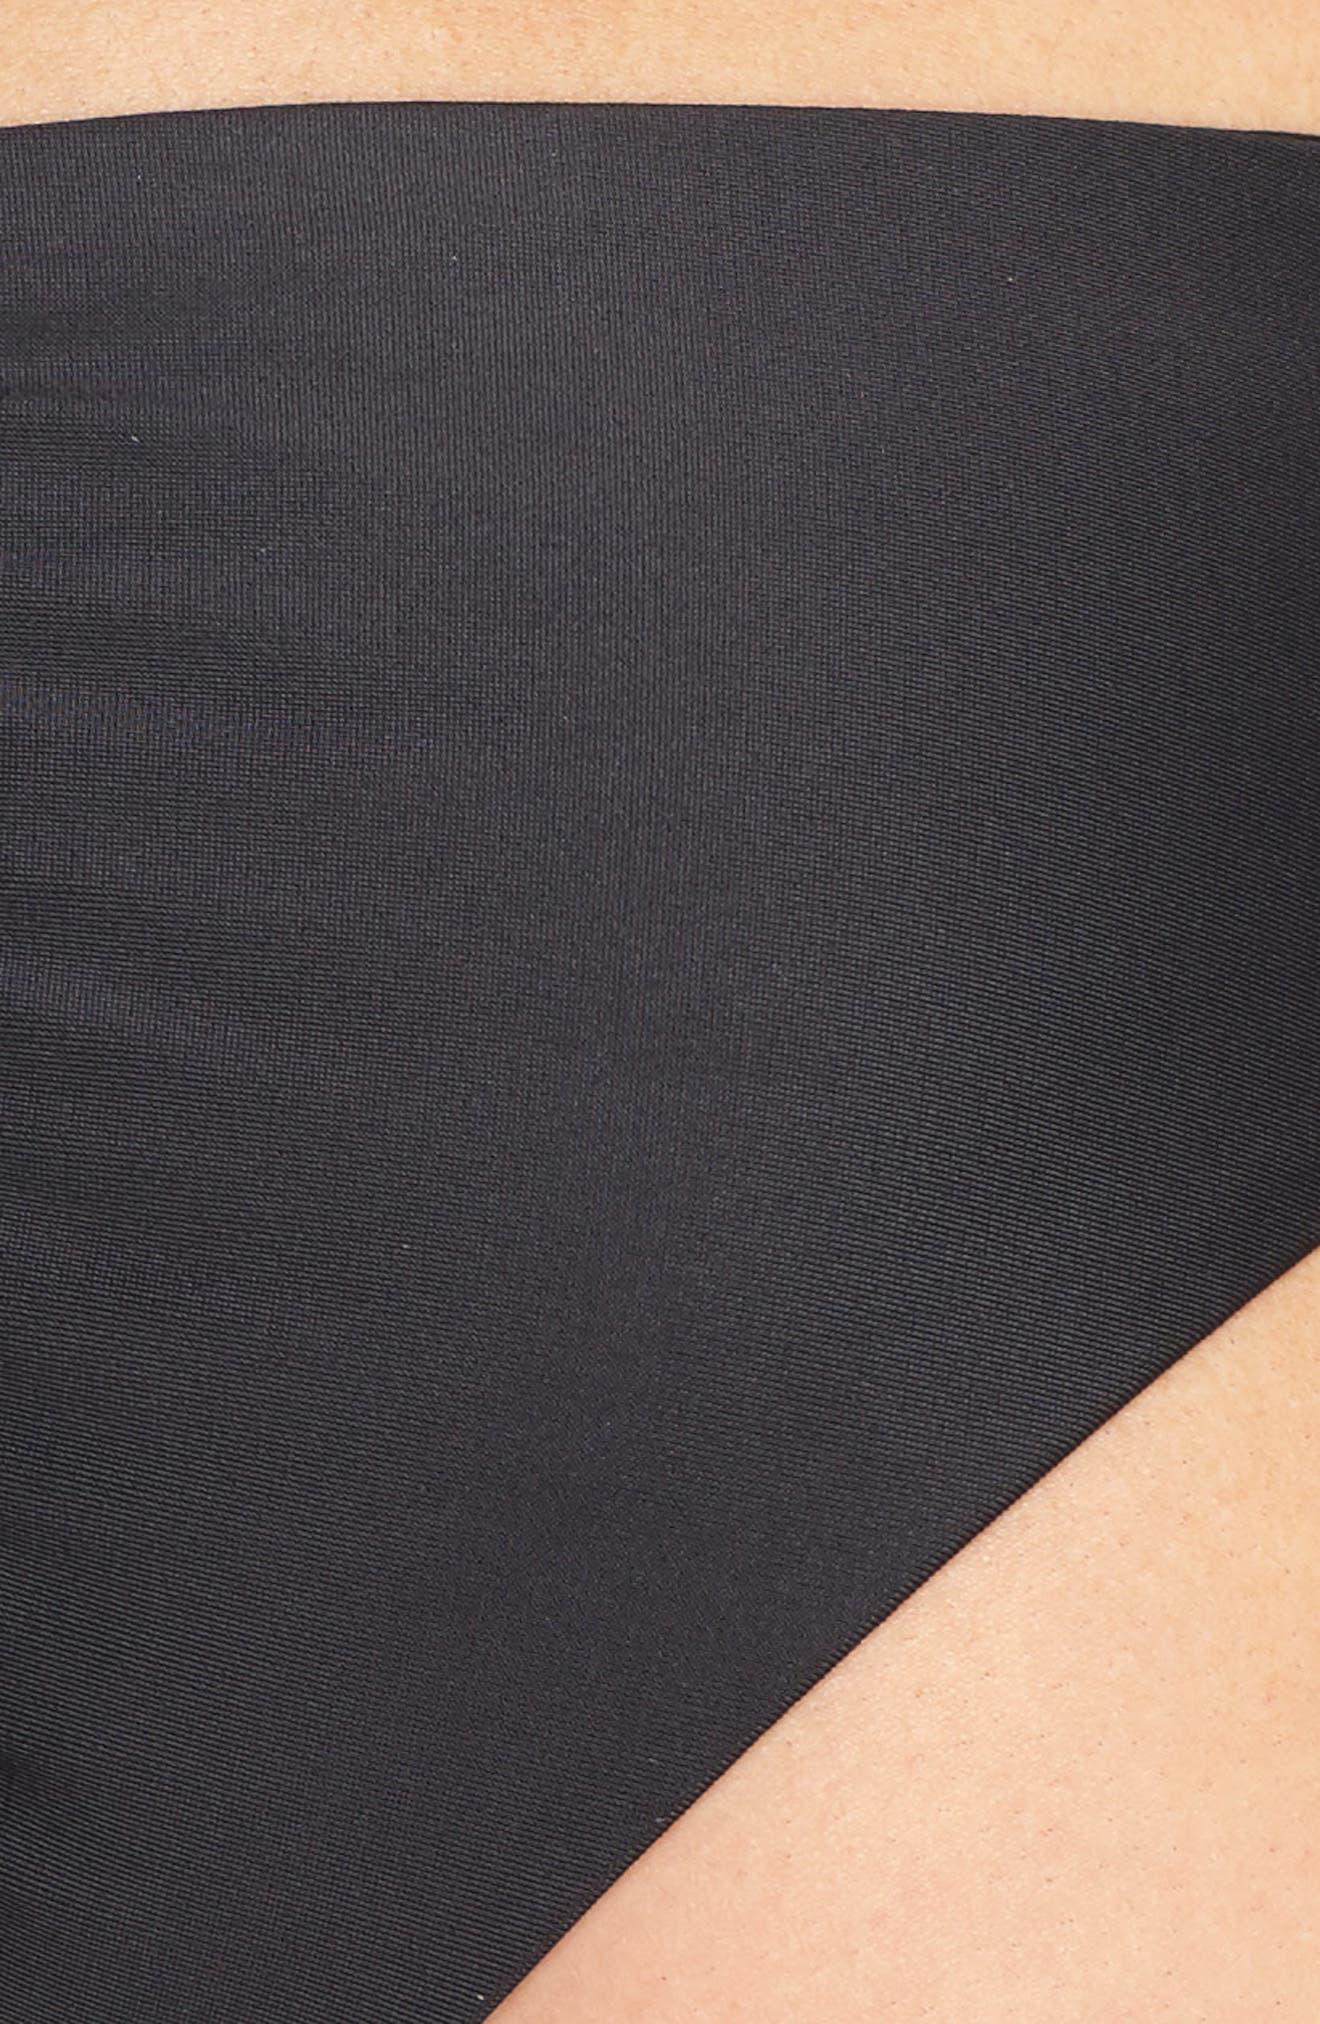 Bikini Bottoms,                             Alternate thumbnail 6, color,                             001